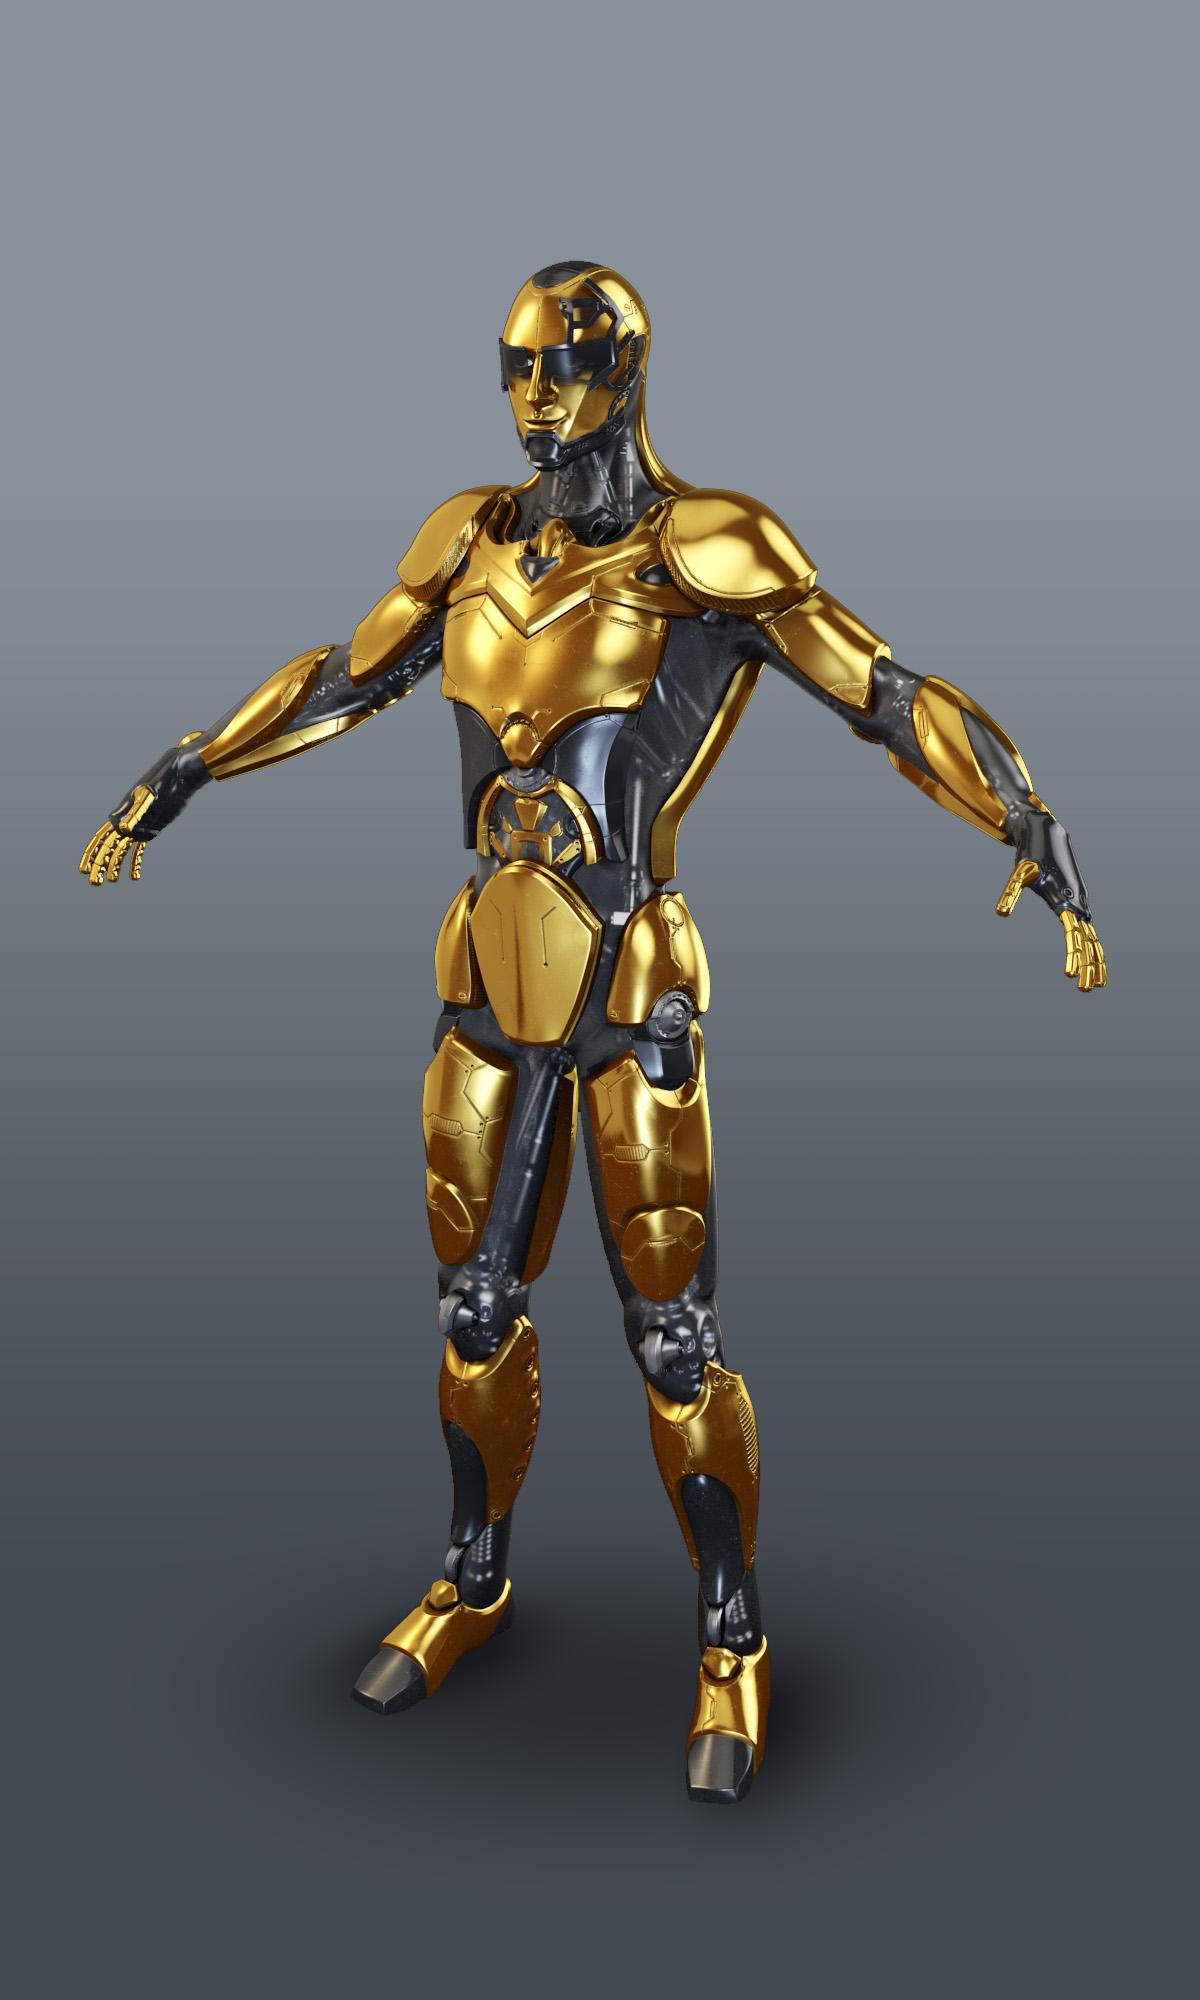 Sci Fi Robot 3d Model By Dshubin 3docean